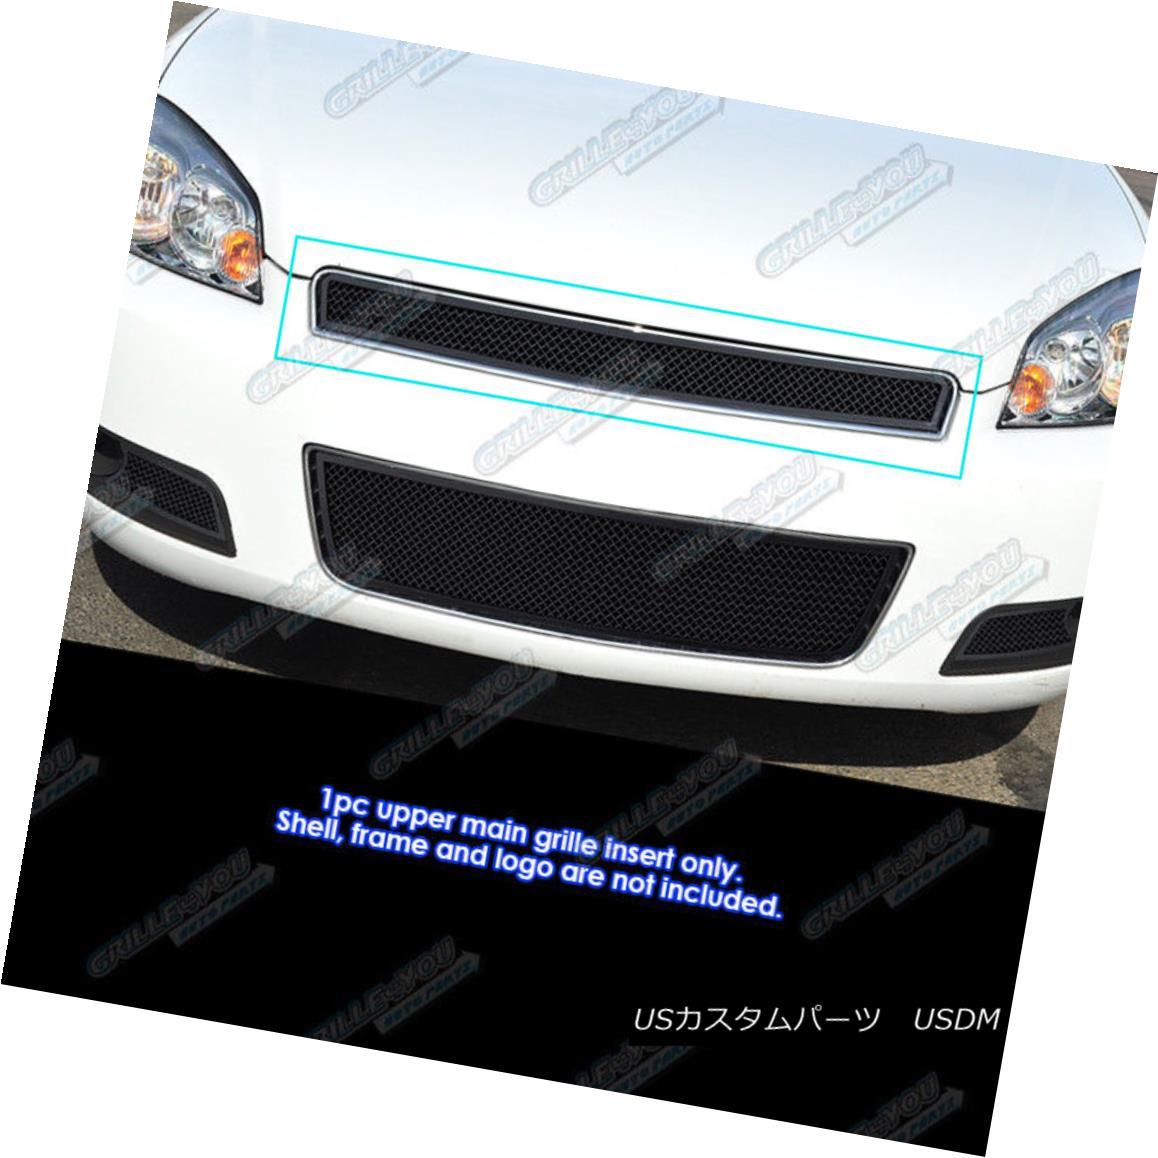 グリル Fits 2006-2013 Chevy Impala/ 2006-2007 Monte Carlo Stainless Black Mesh Grille フィット2006-2013シボレーインパラ/ 2006-2007モンテカルロステンレスブラックメッシュグリル